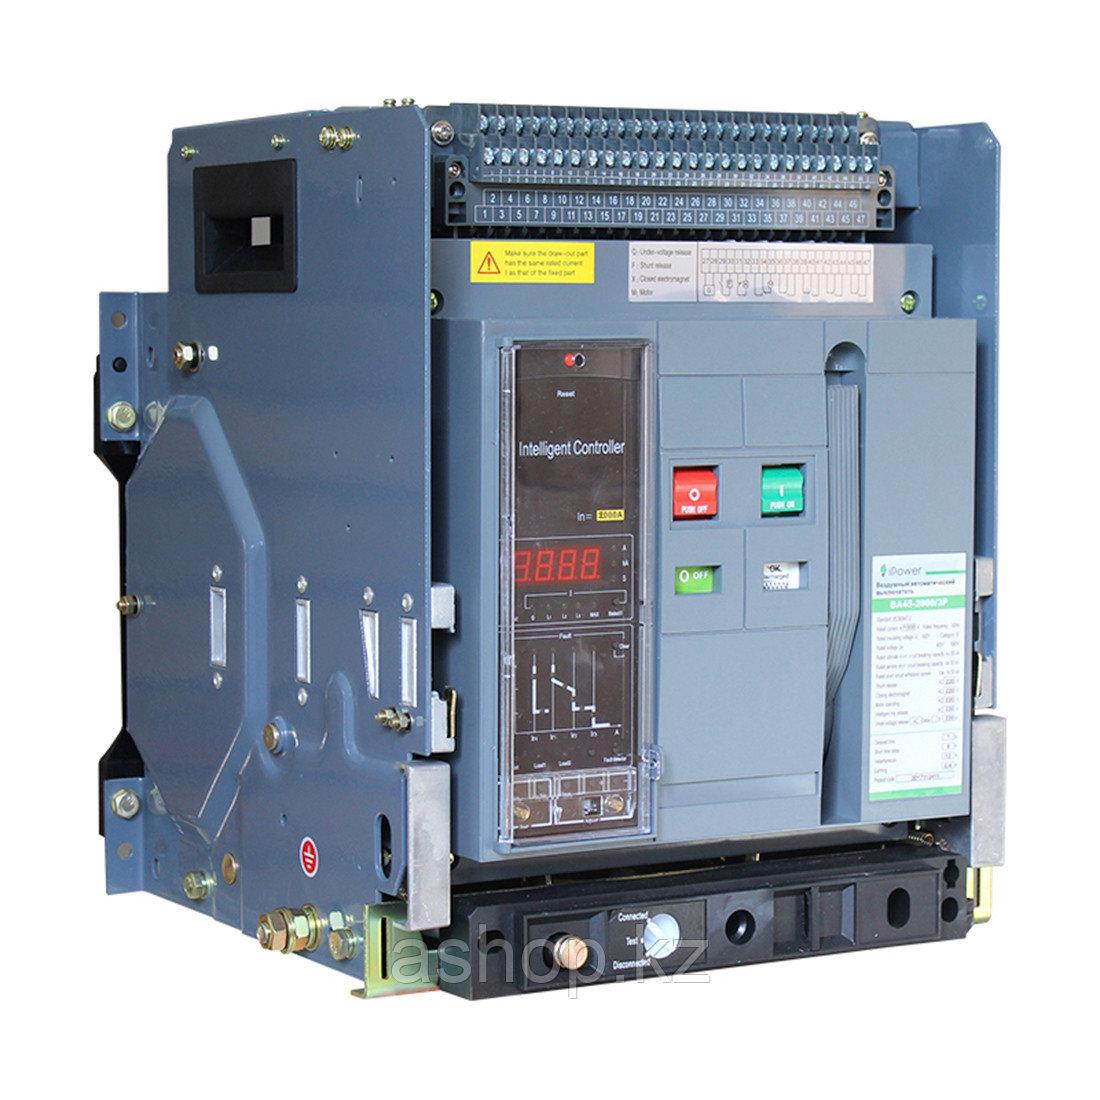 Автоматический выключатель стационарный iPower ВА45-3200 3P 2500А, 380/660 В, Кол-во полюсов: 3, хар. М, Защит